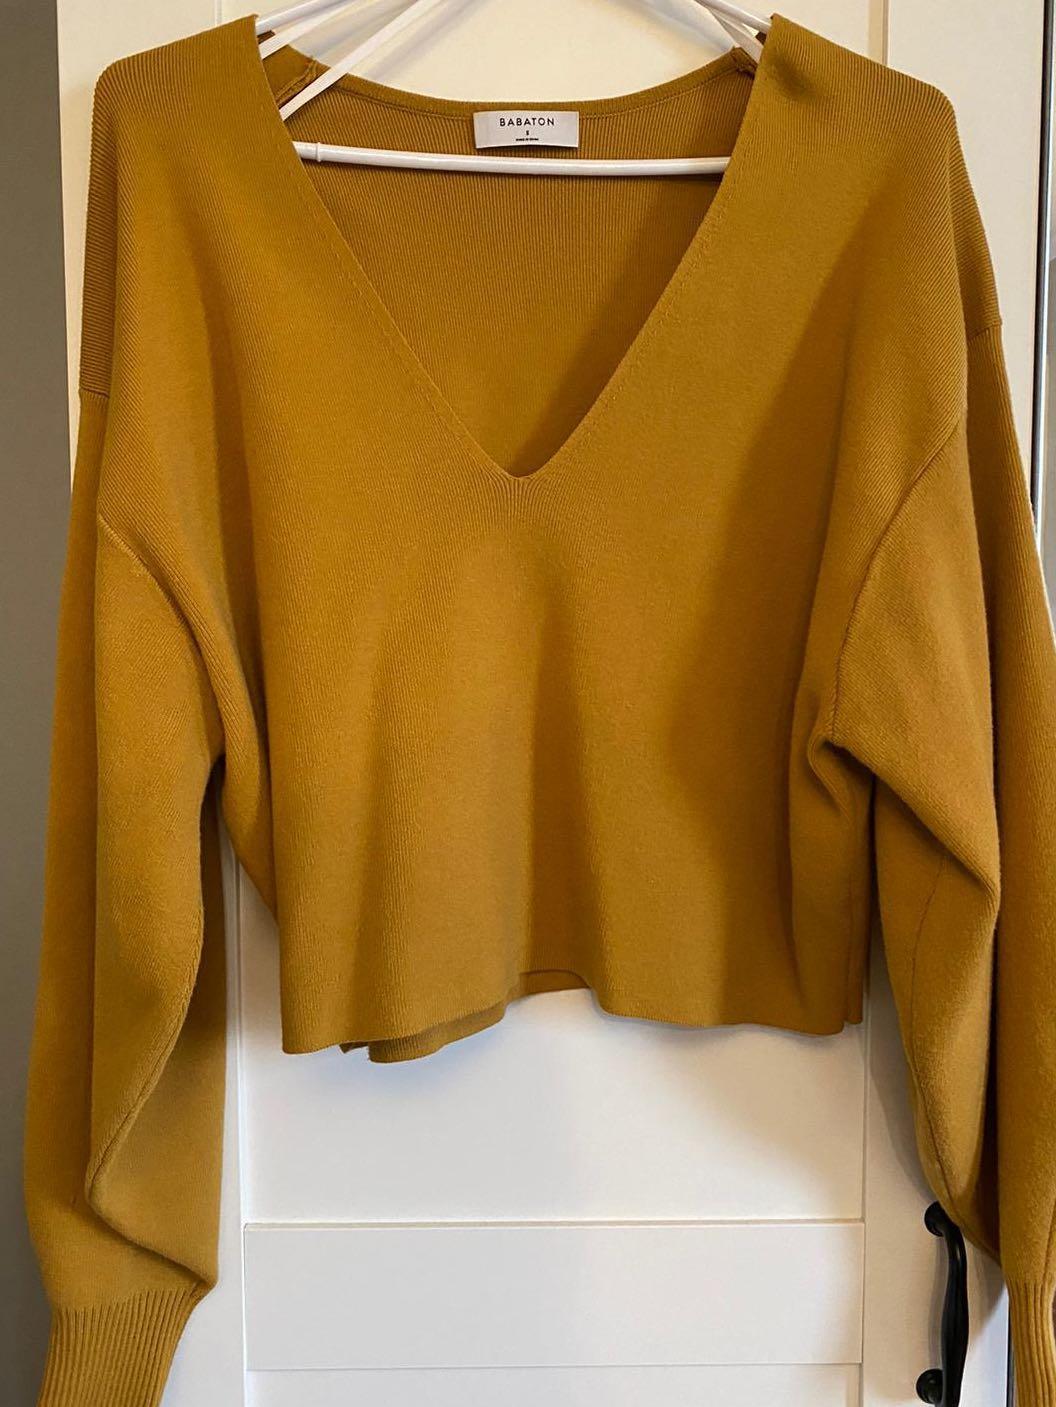 Babaton Wren Sweater (Aritzia)